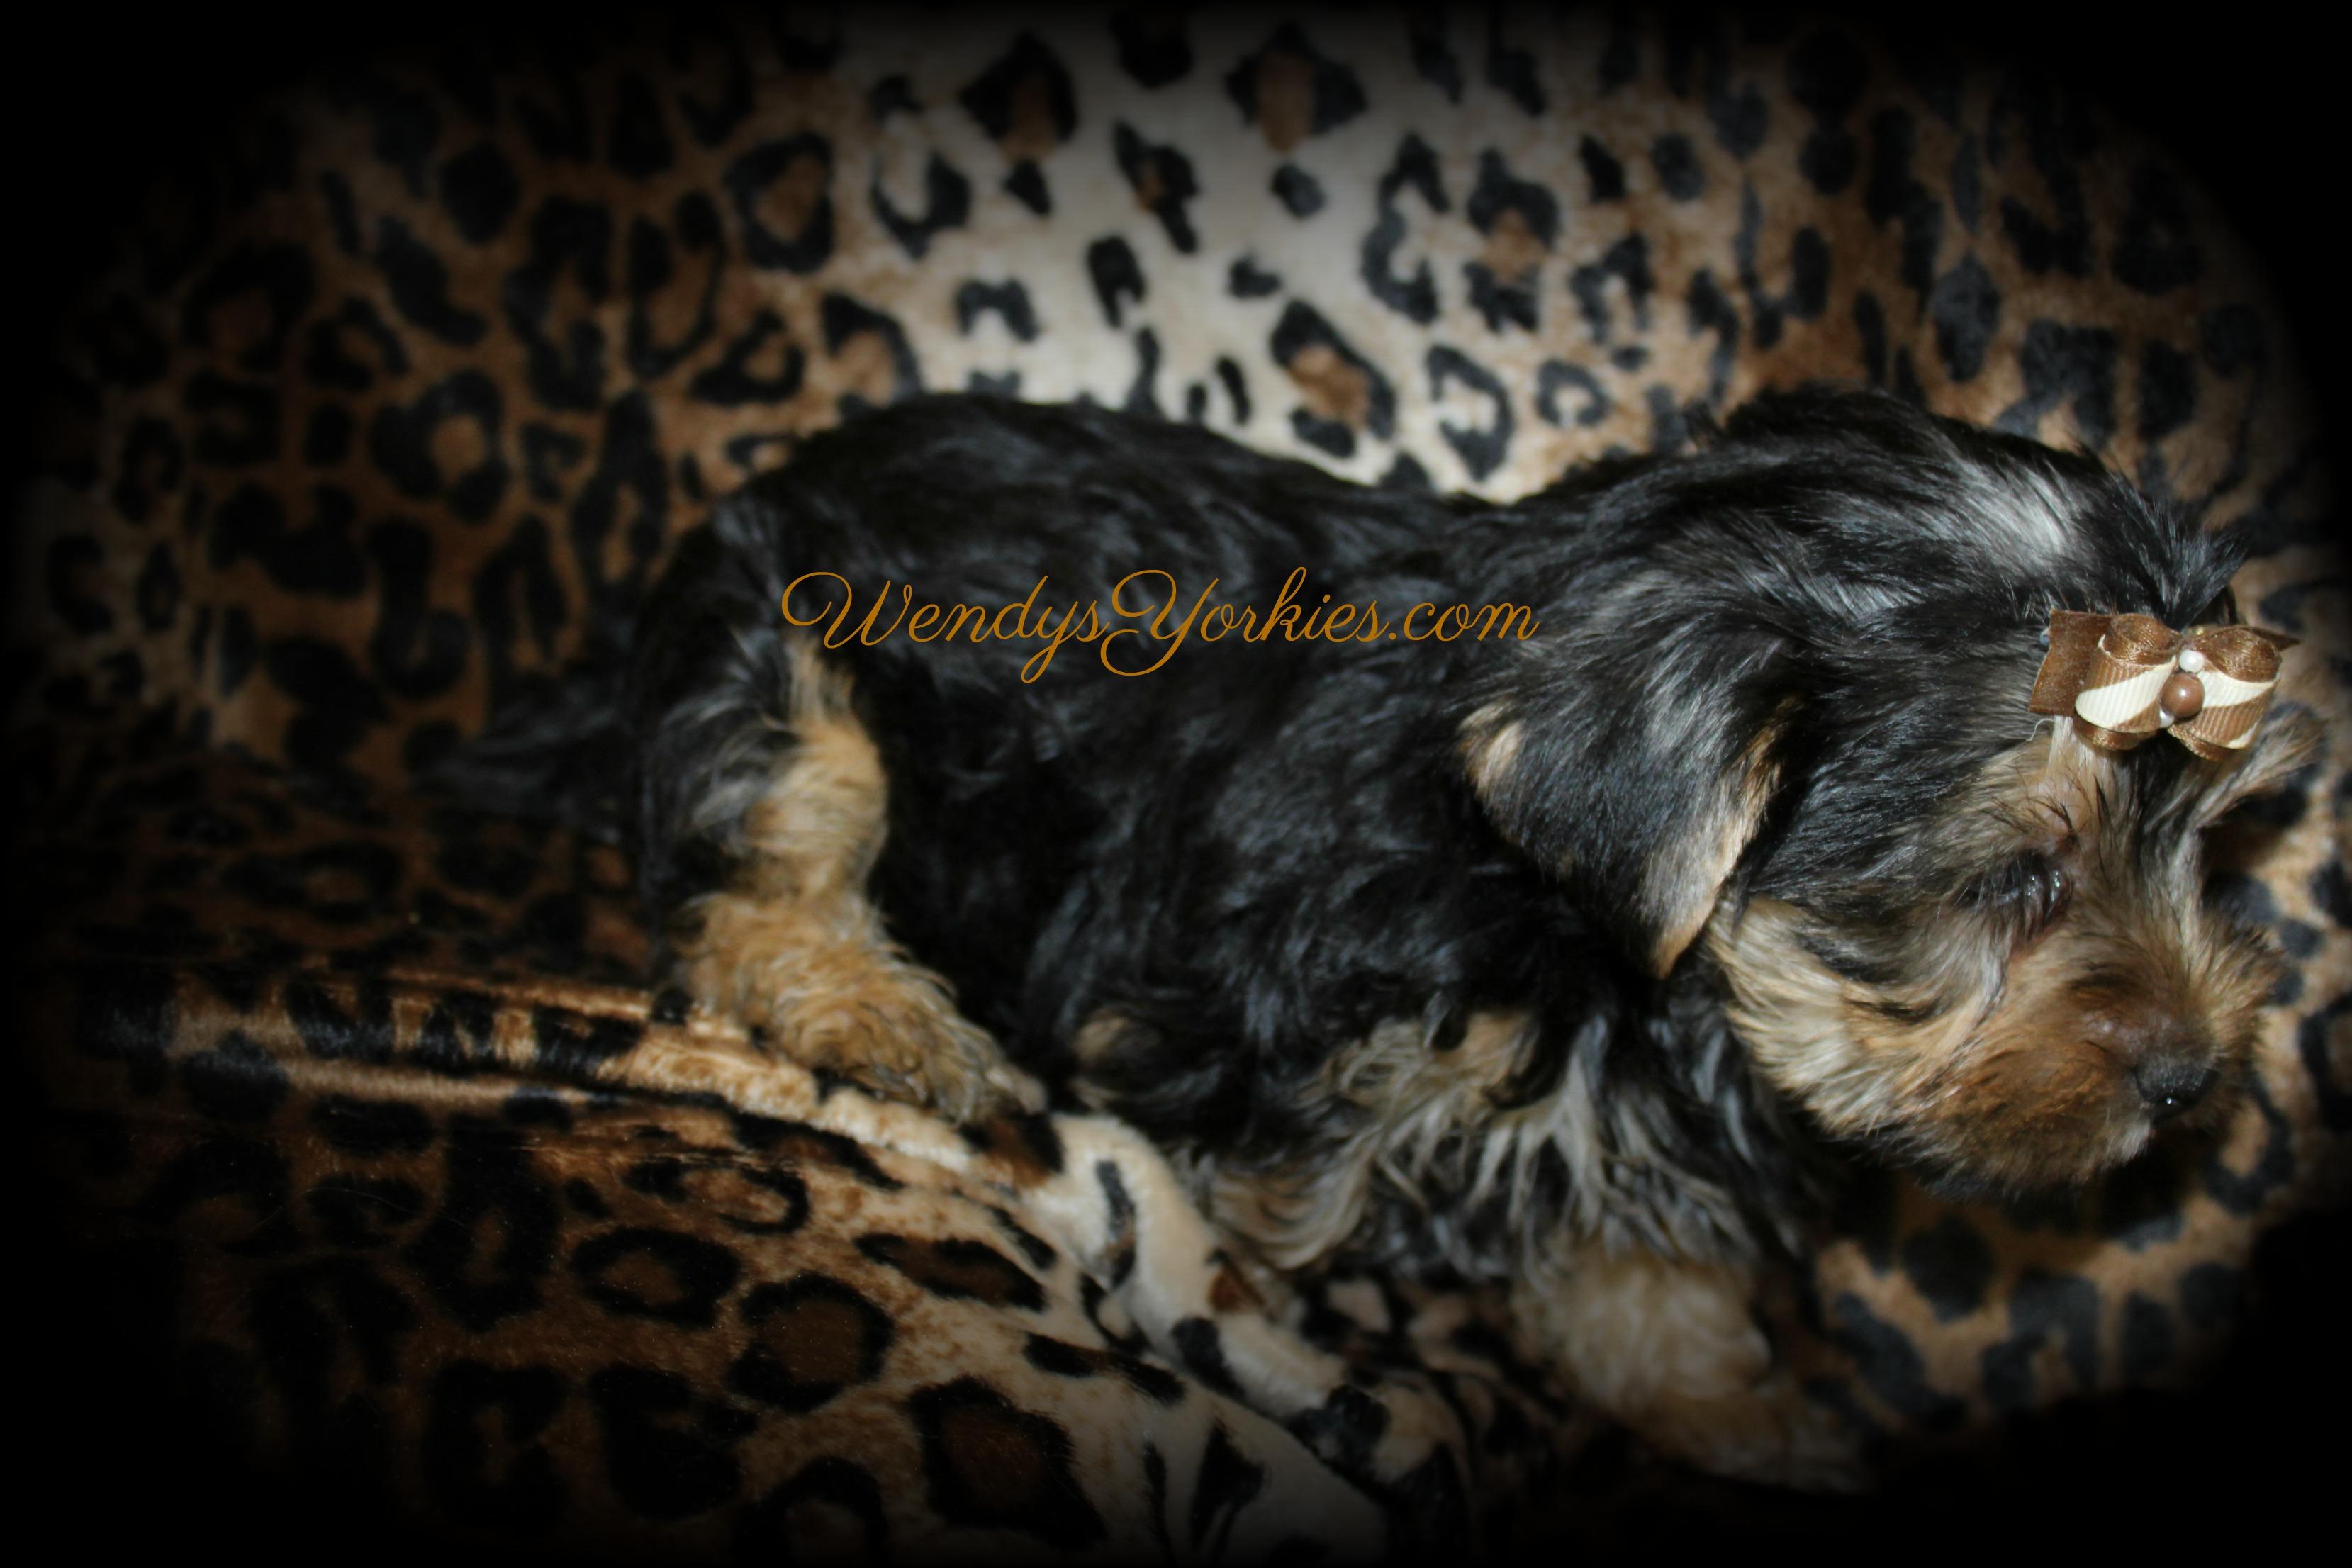 Yorkie puppies for sale, Phoebe m4, WendysYorkies.com